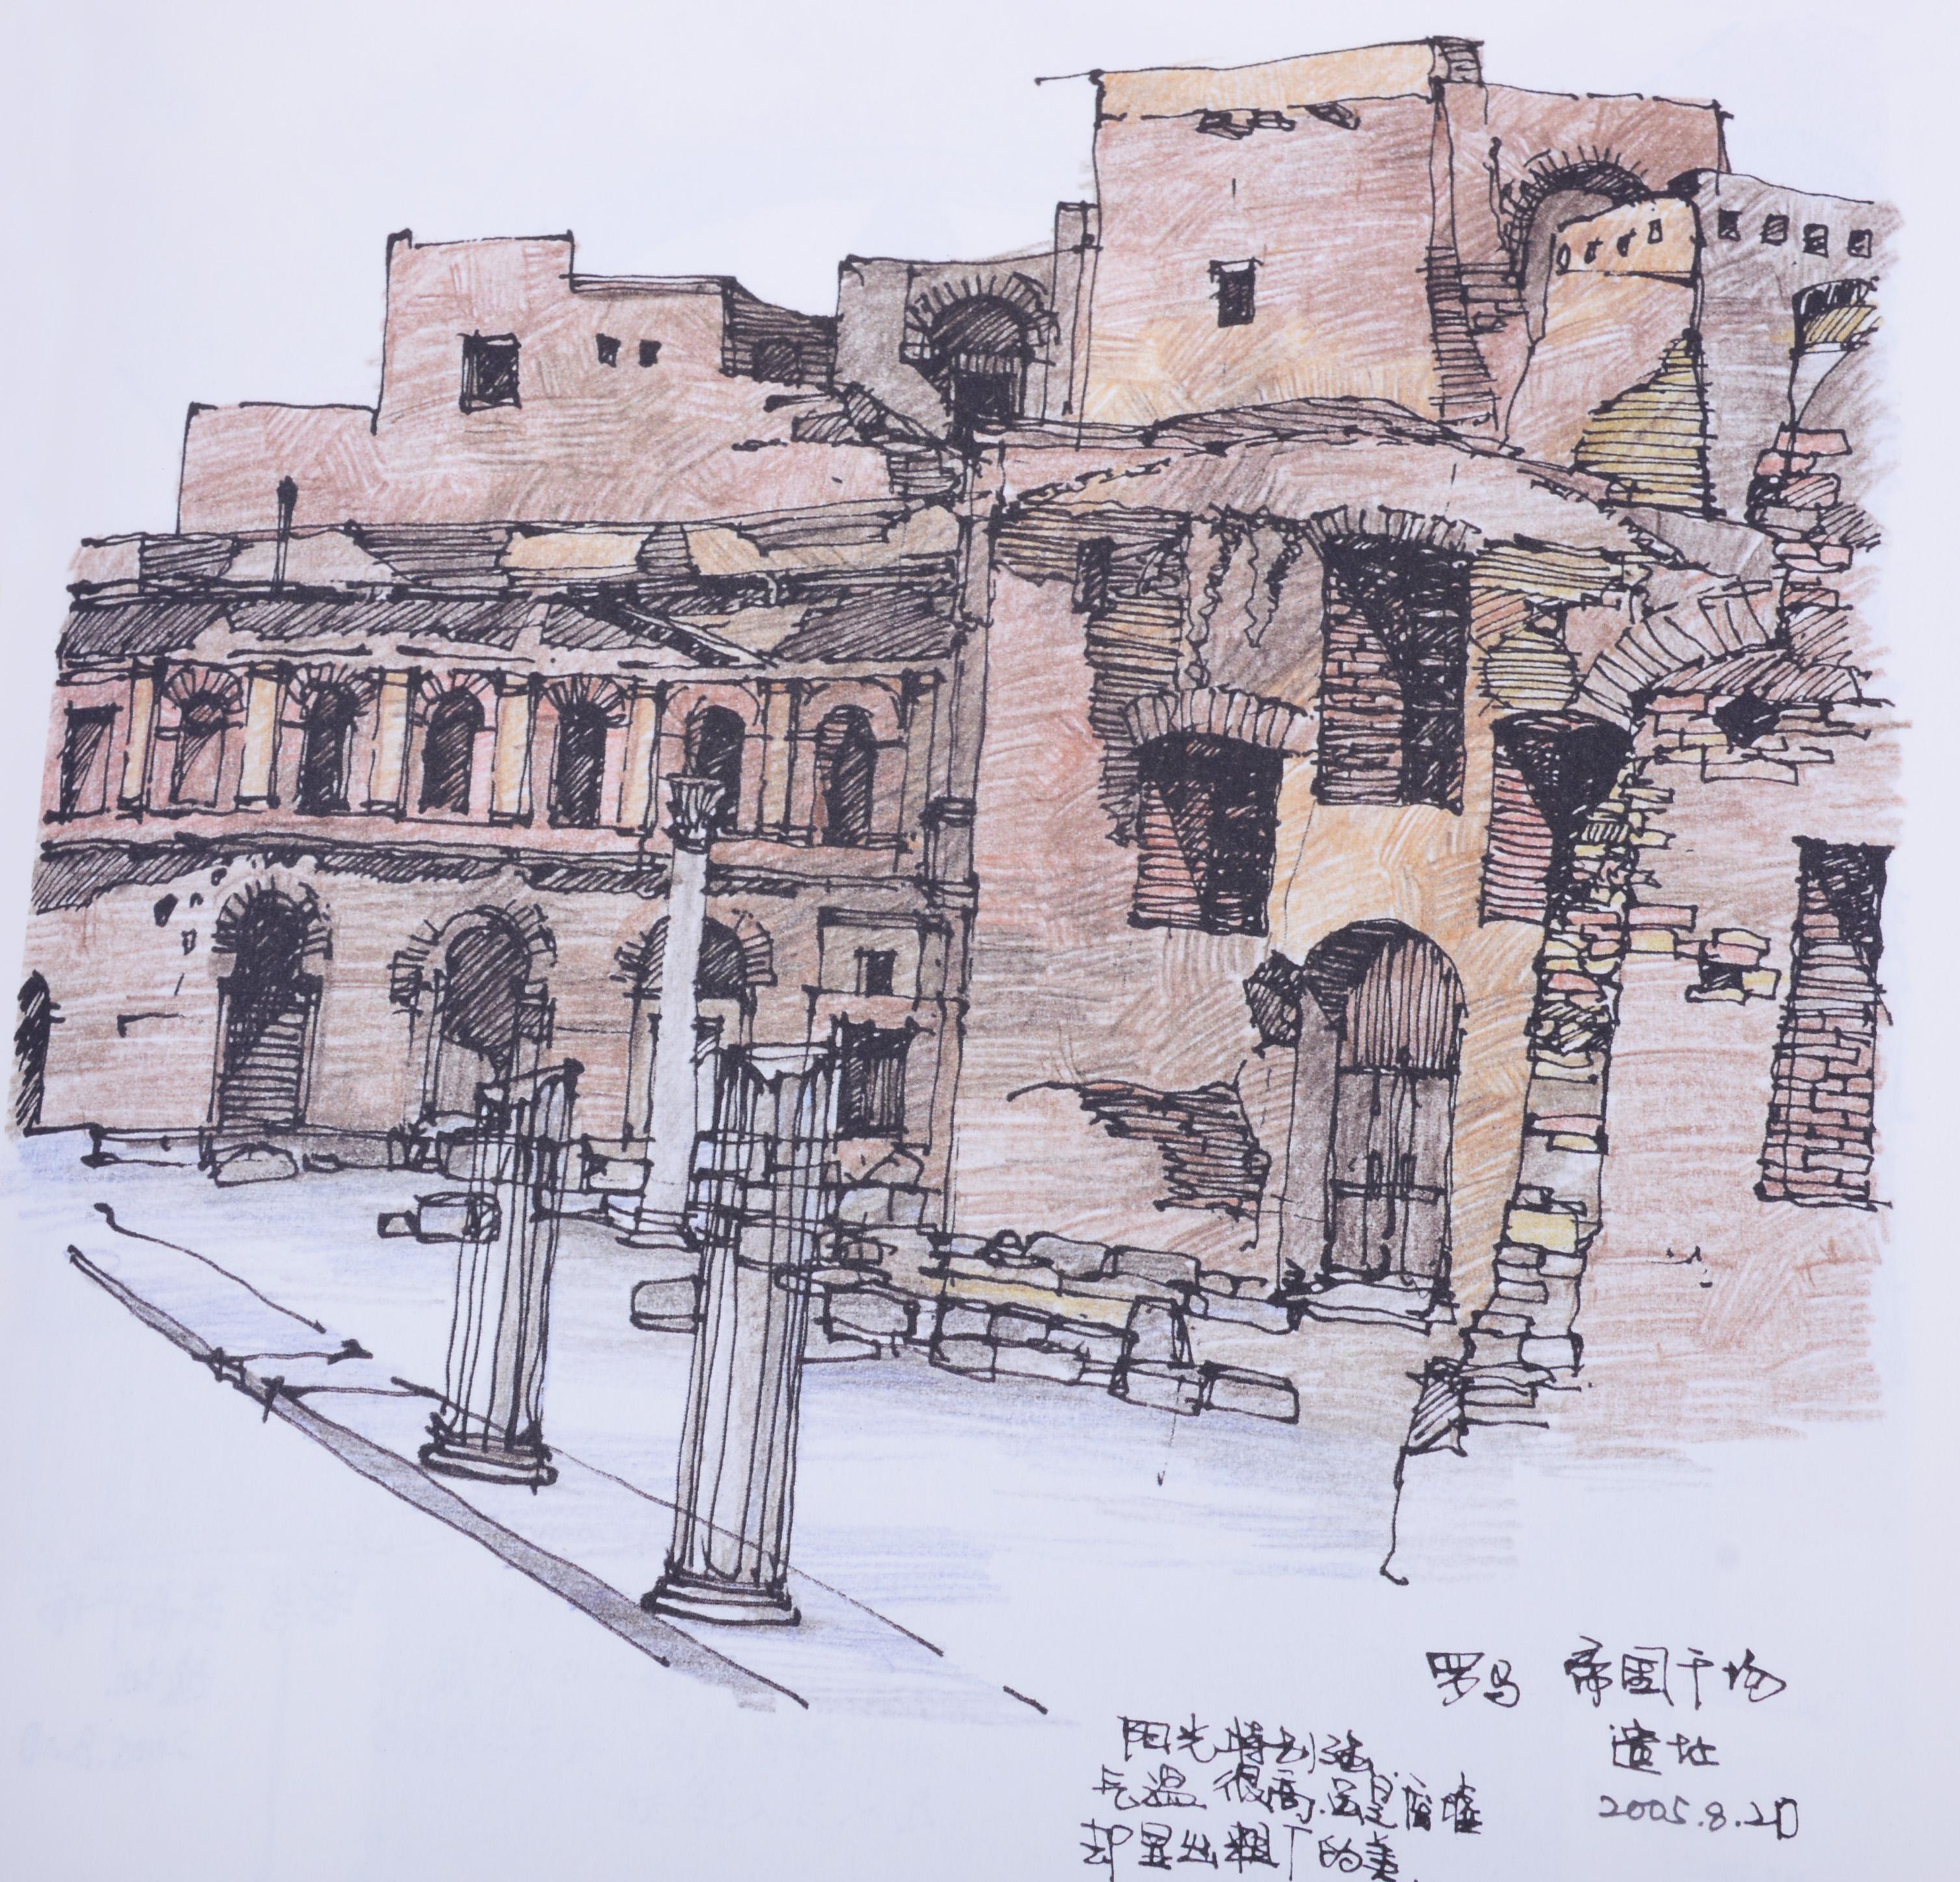 罗马 帝国广场遗址